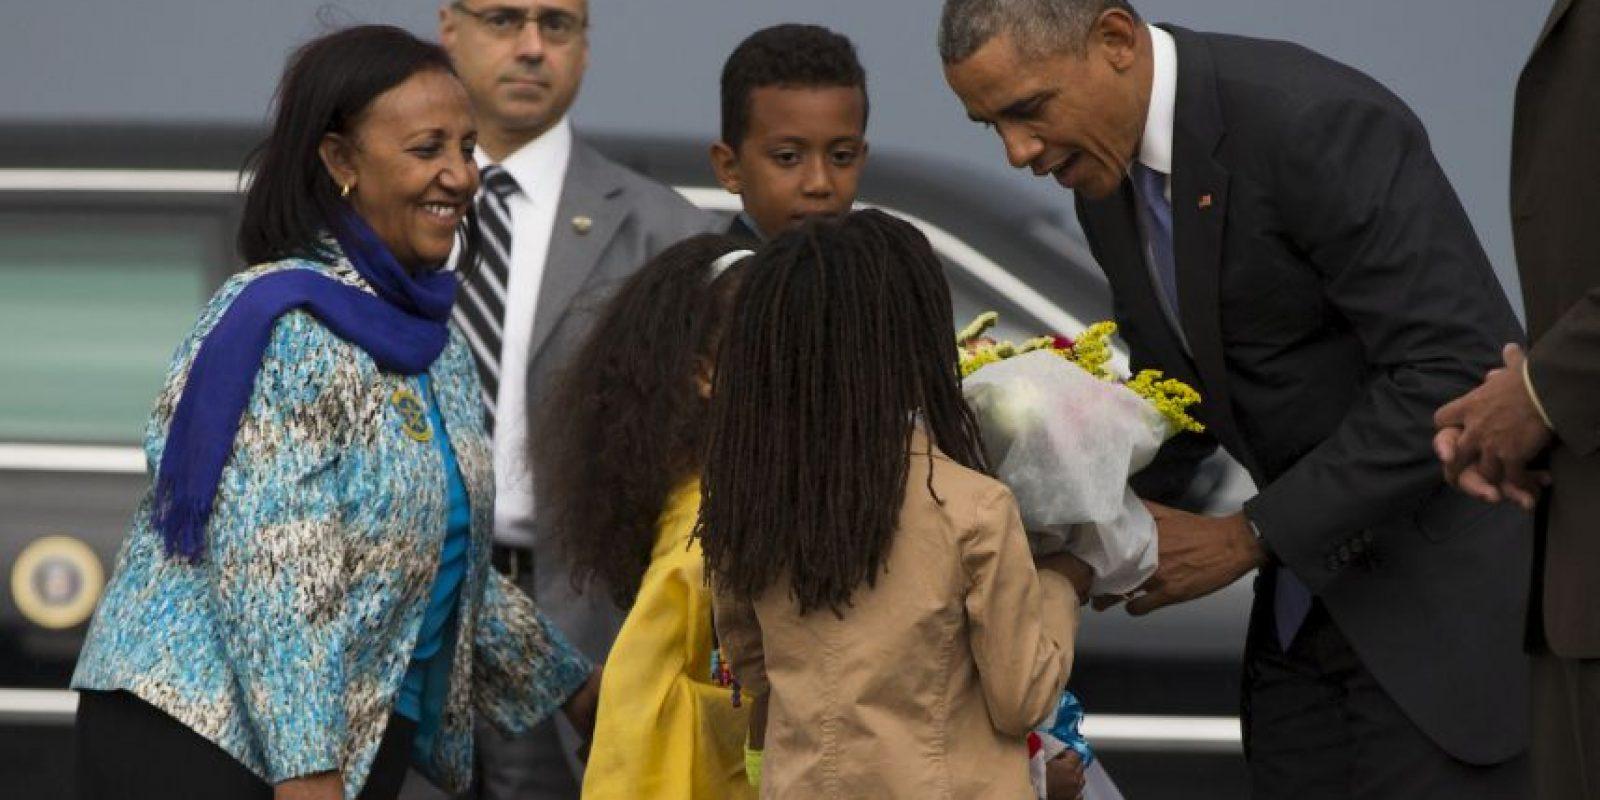 El presidente se encuentra en una gira de estado de cinco días por África. Foto:AP